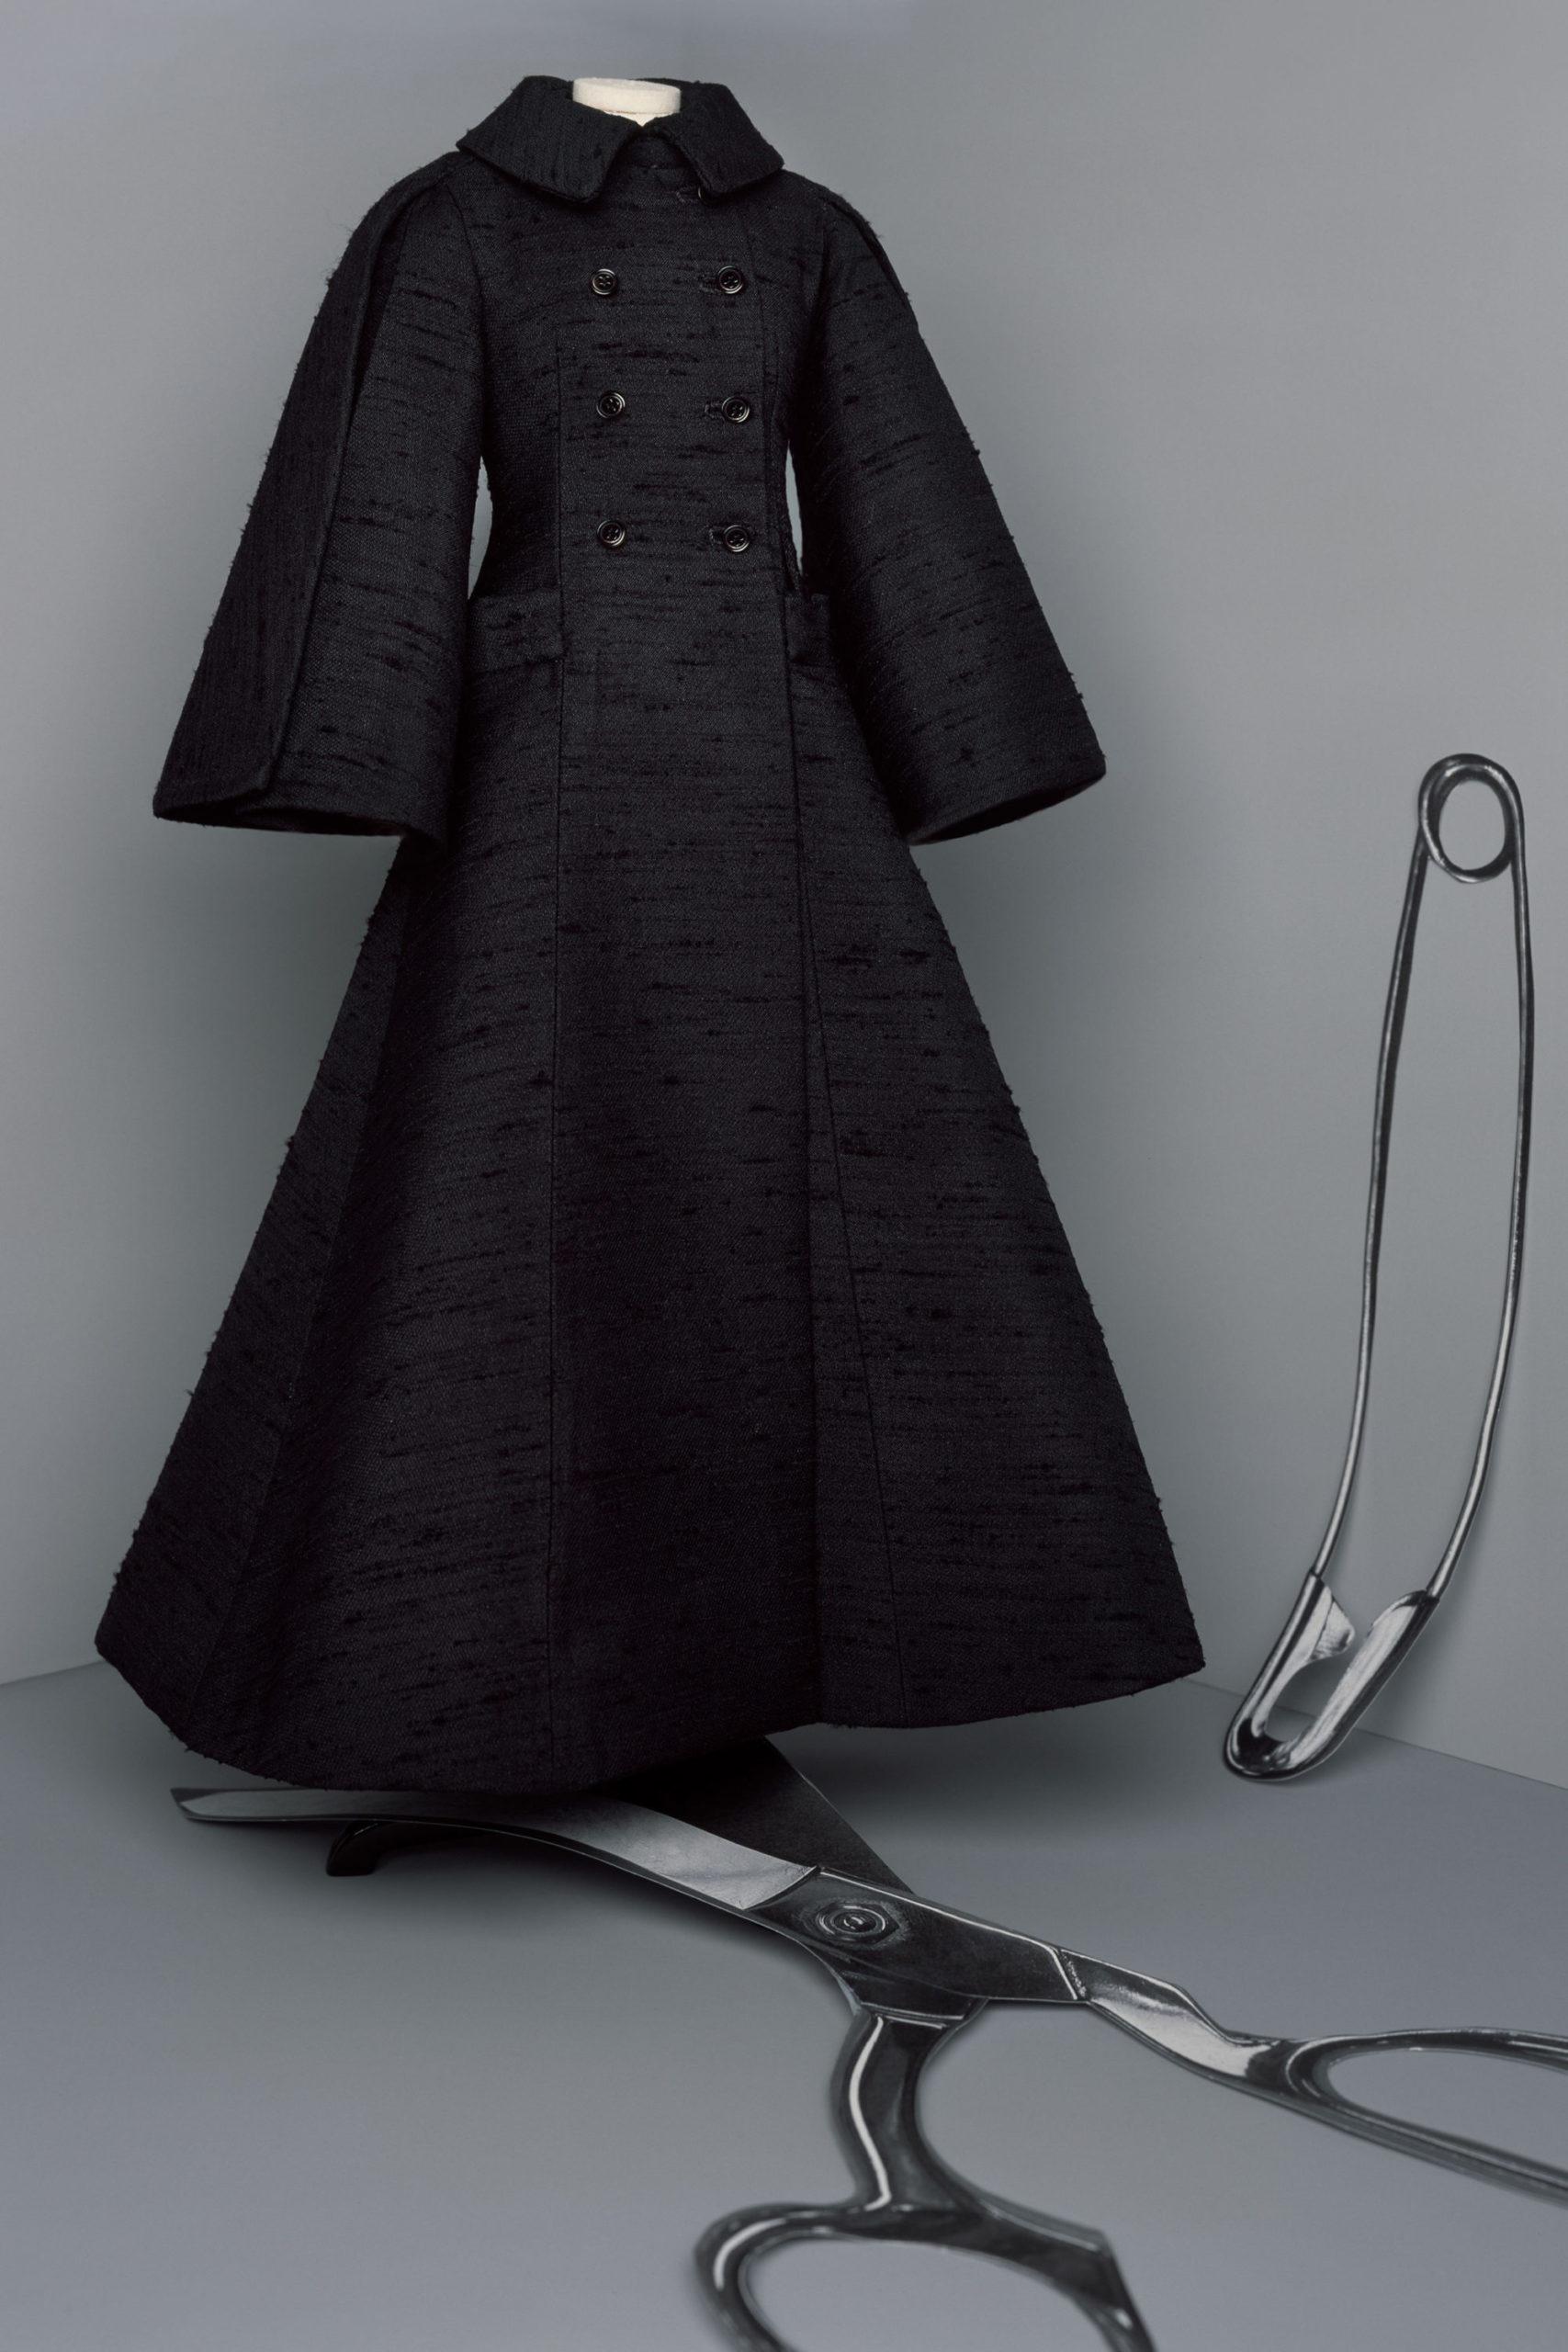 Платье с расклешённой статичной юбкой, платье выпускницы от Christian Dior кутюр модель 2021 года